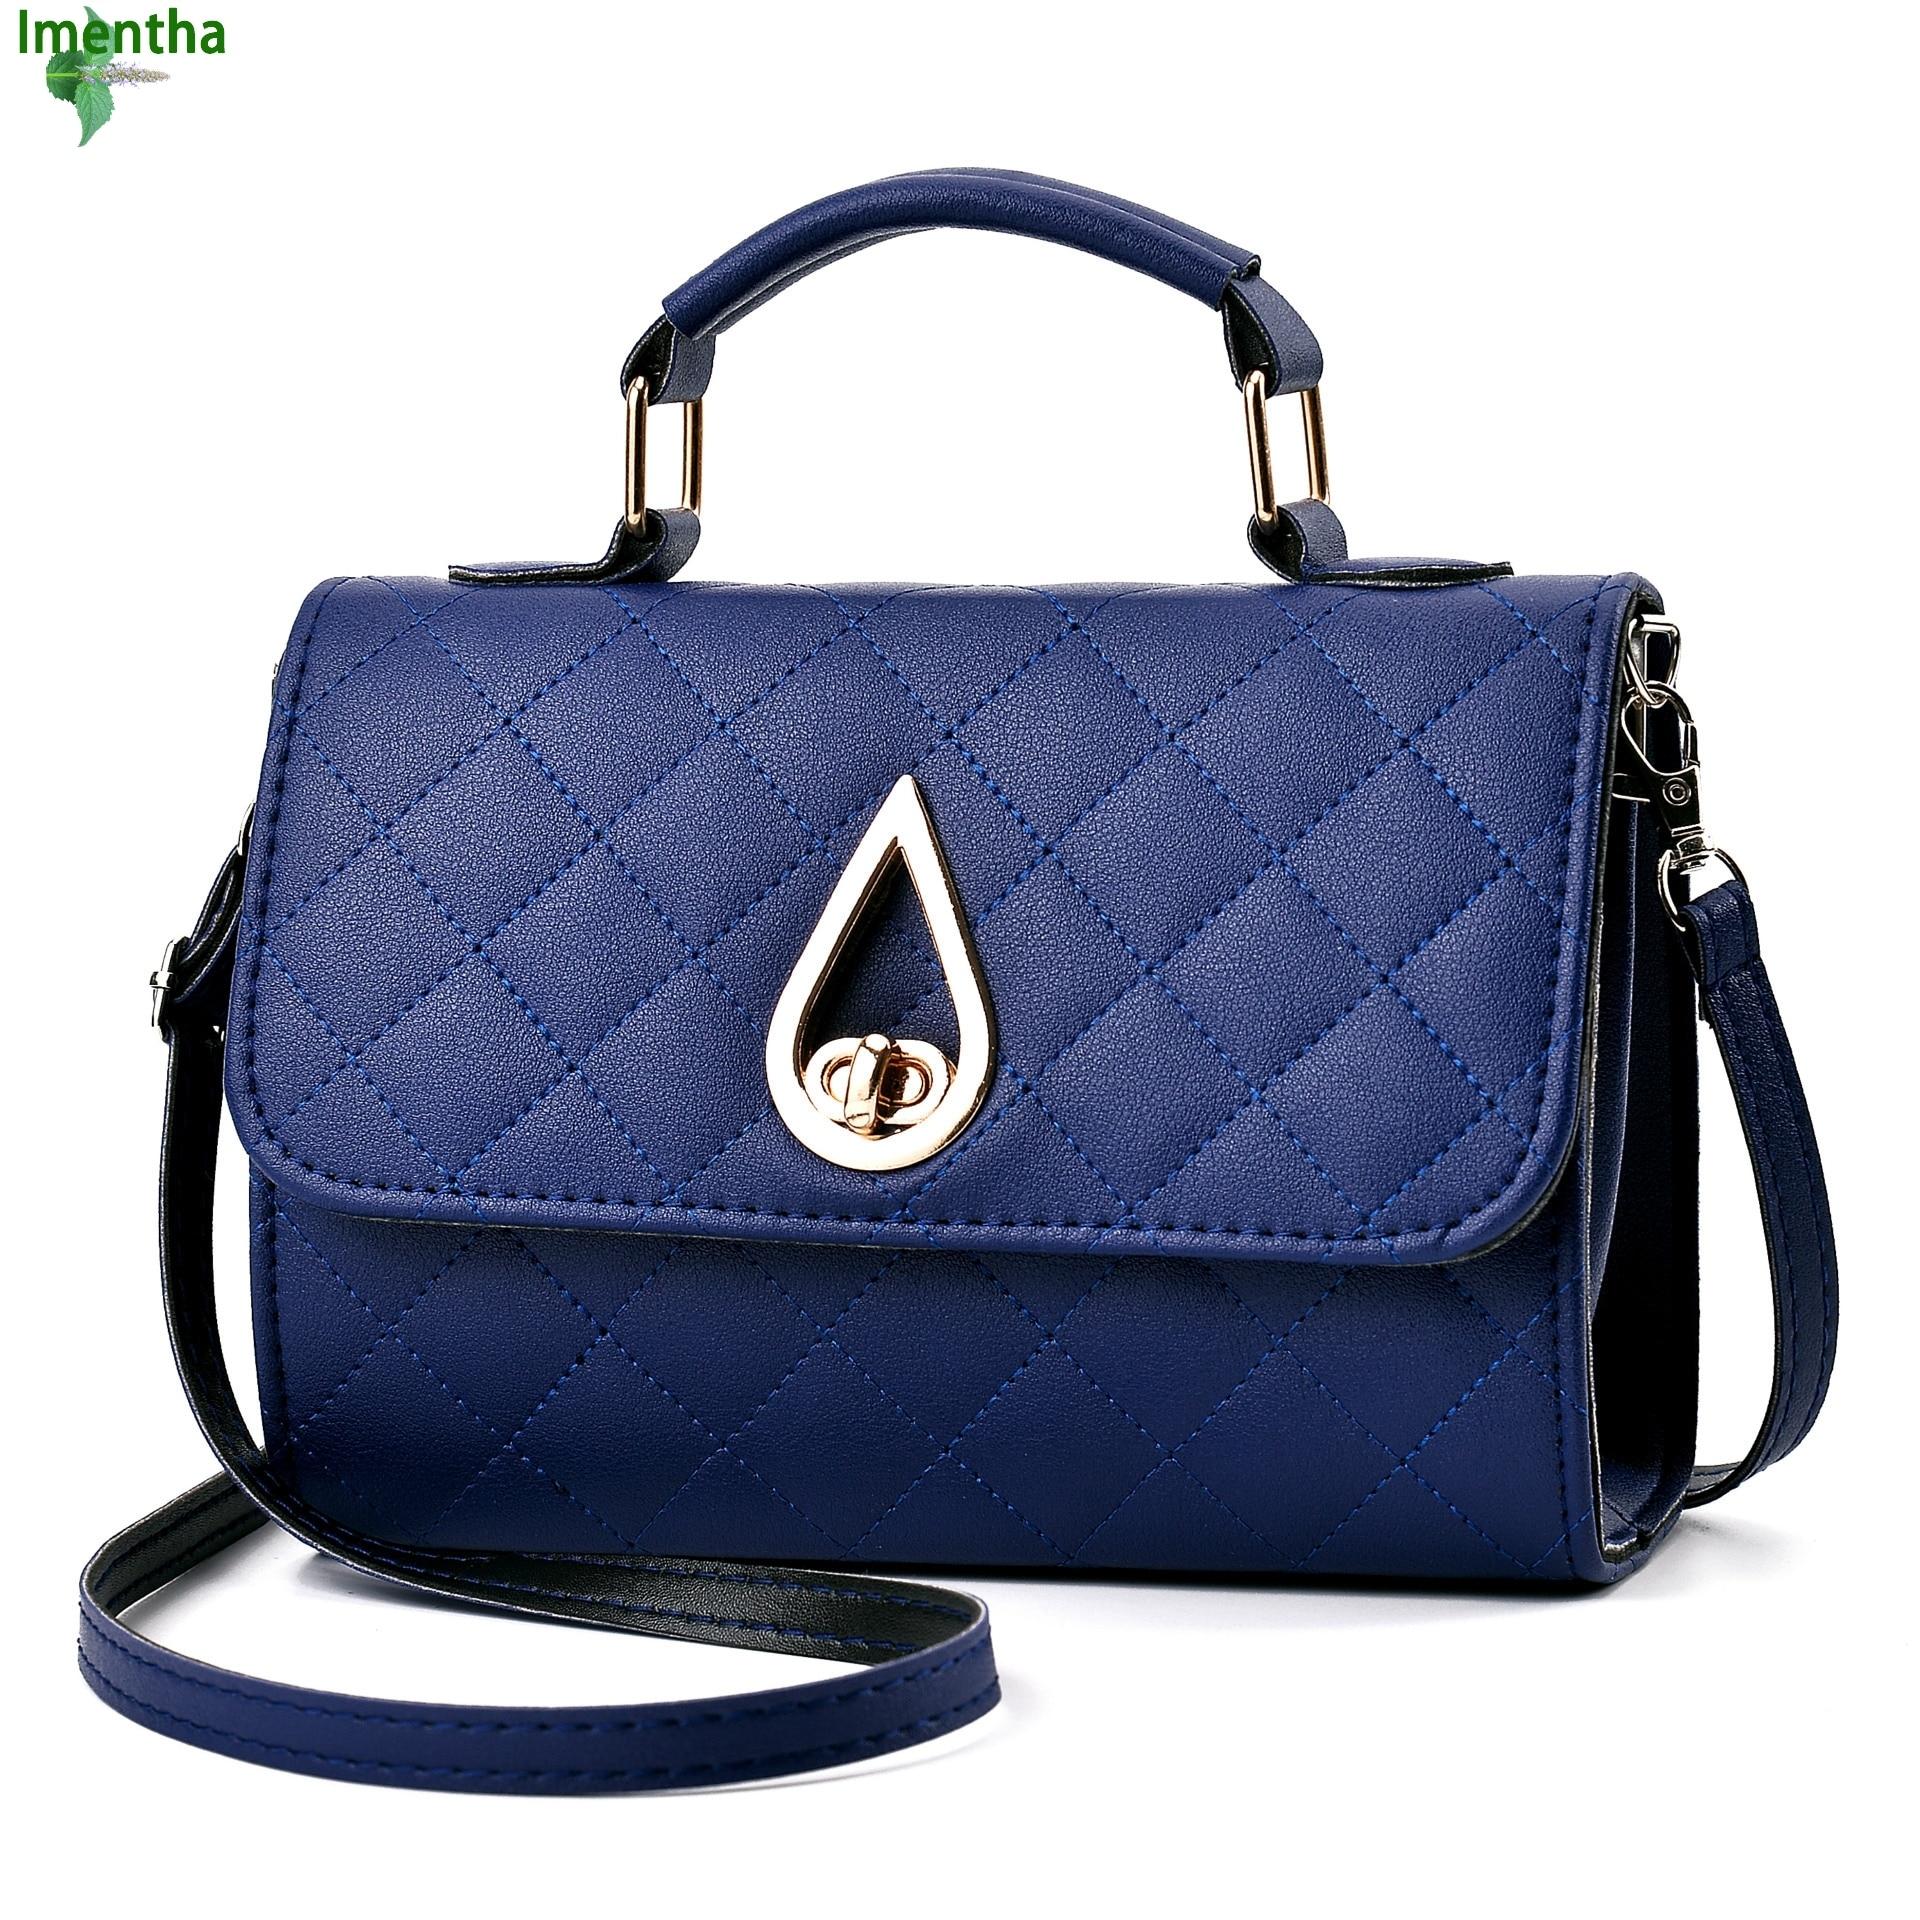 037e88a335c4 Je veux voir plus de Sacs biens notés par les internautes et pas cher ICI  sac pour femme